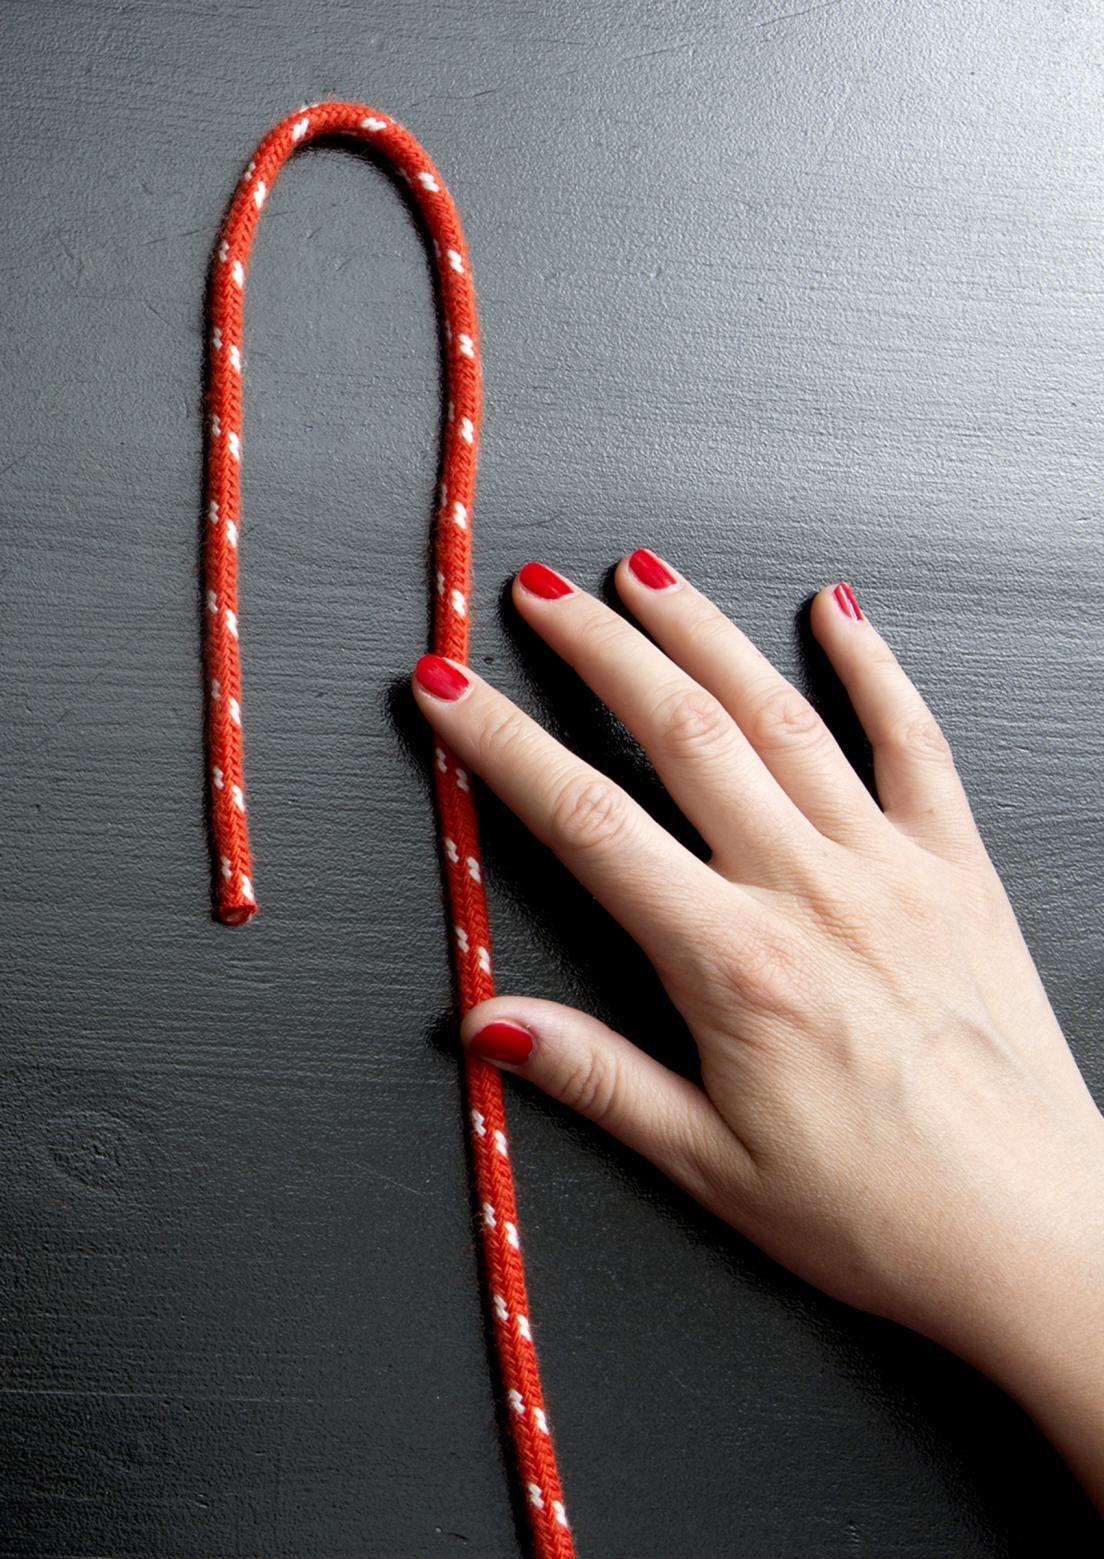 Puno värikkäästä köydestä perinteisiä pannunalusia. Kun olet oppinut tekniikan, et malta lopettaa. Katso Avotakan ohjeet ja tee upeita pannunalusia itselle tai lahjaksi!